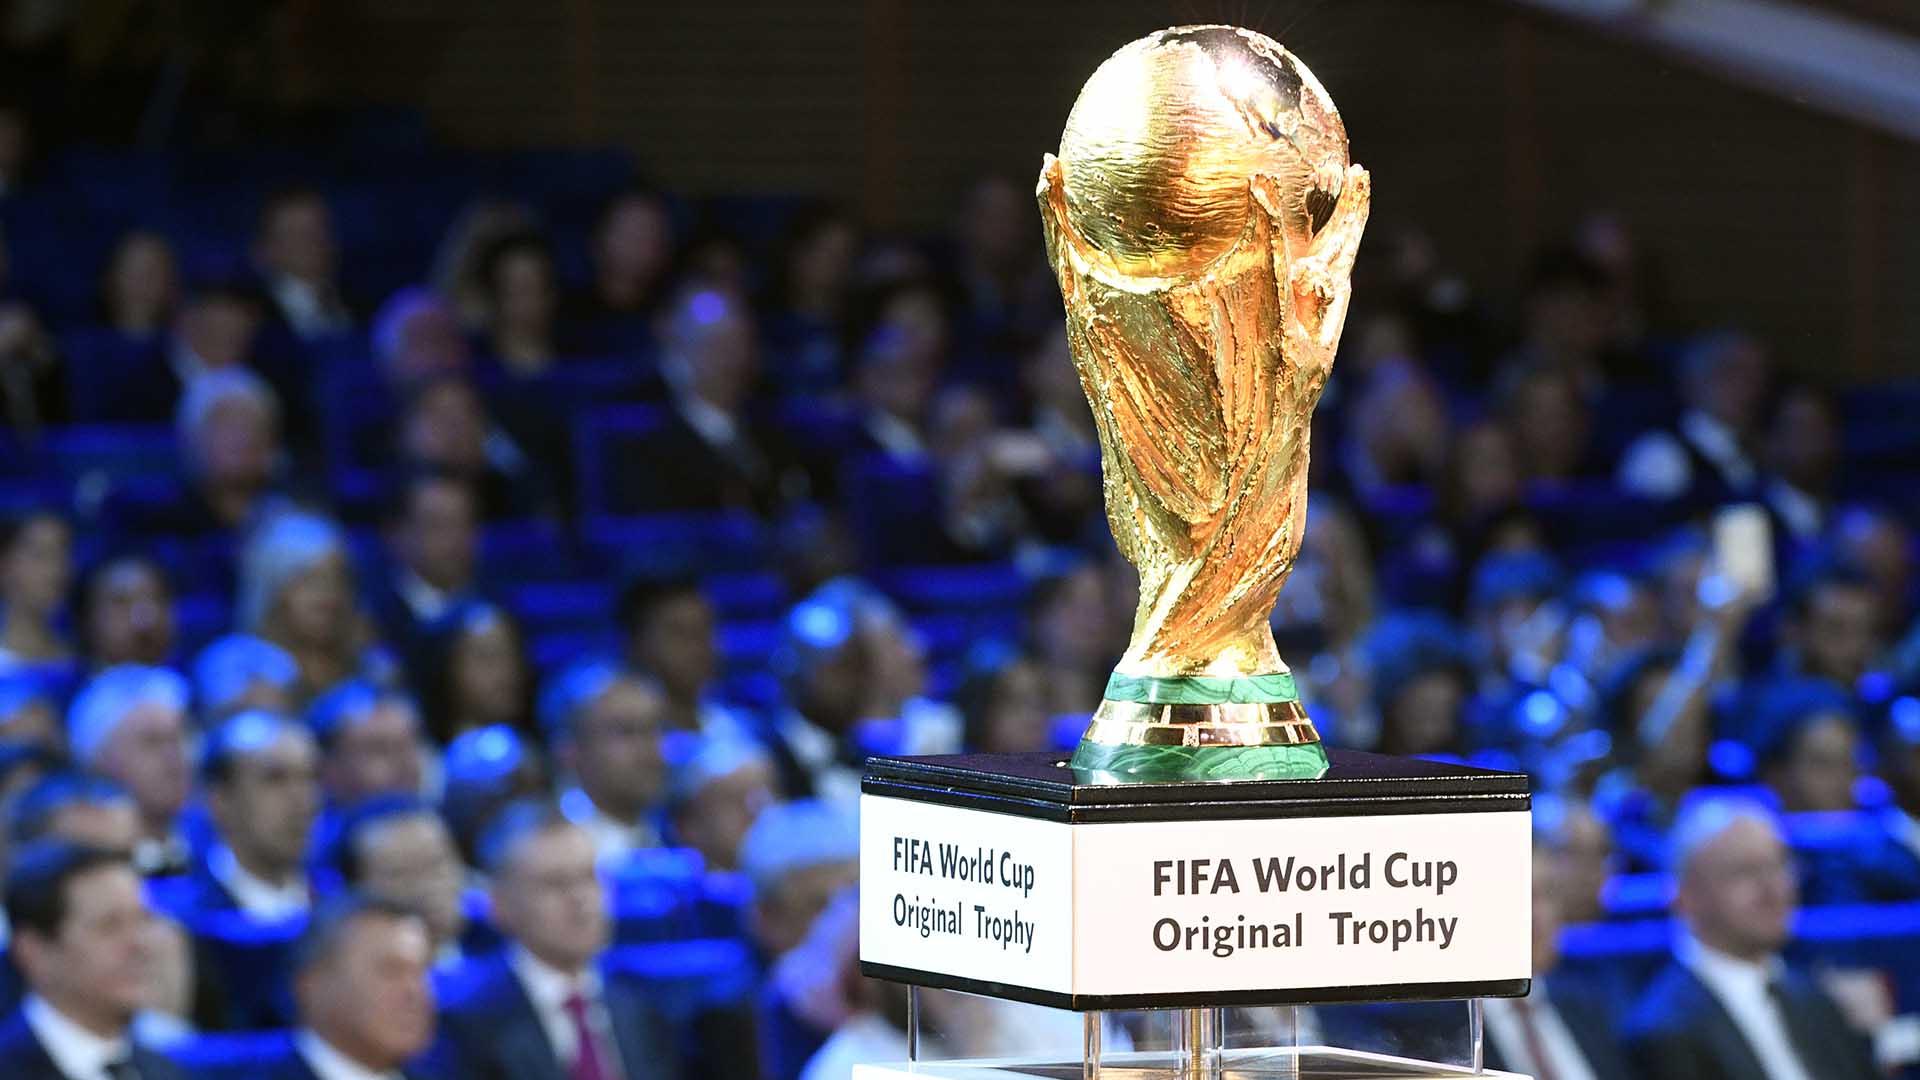 El sueño de todos: la copa que todo quieren levantar en Moscú(AFP Photo/ Alexander Nemenov)